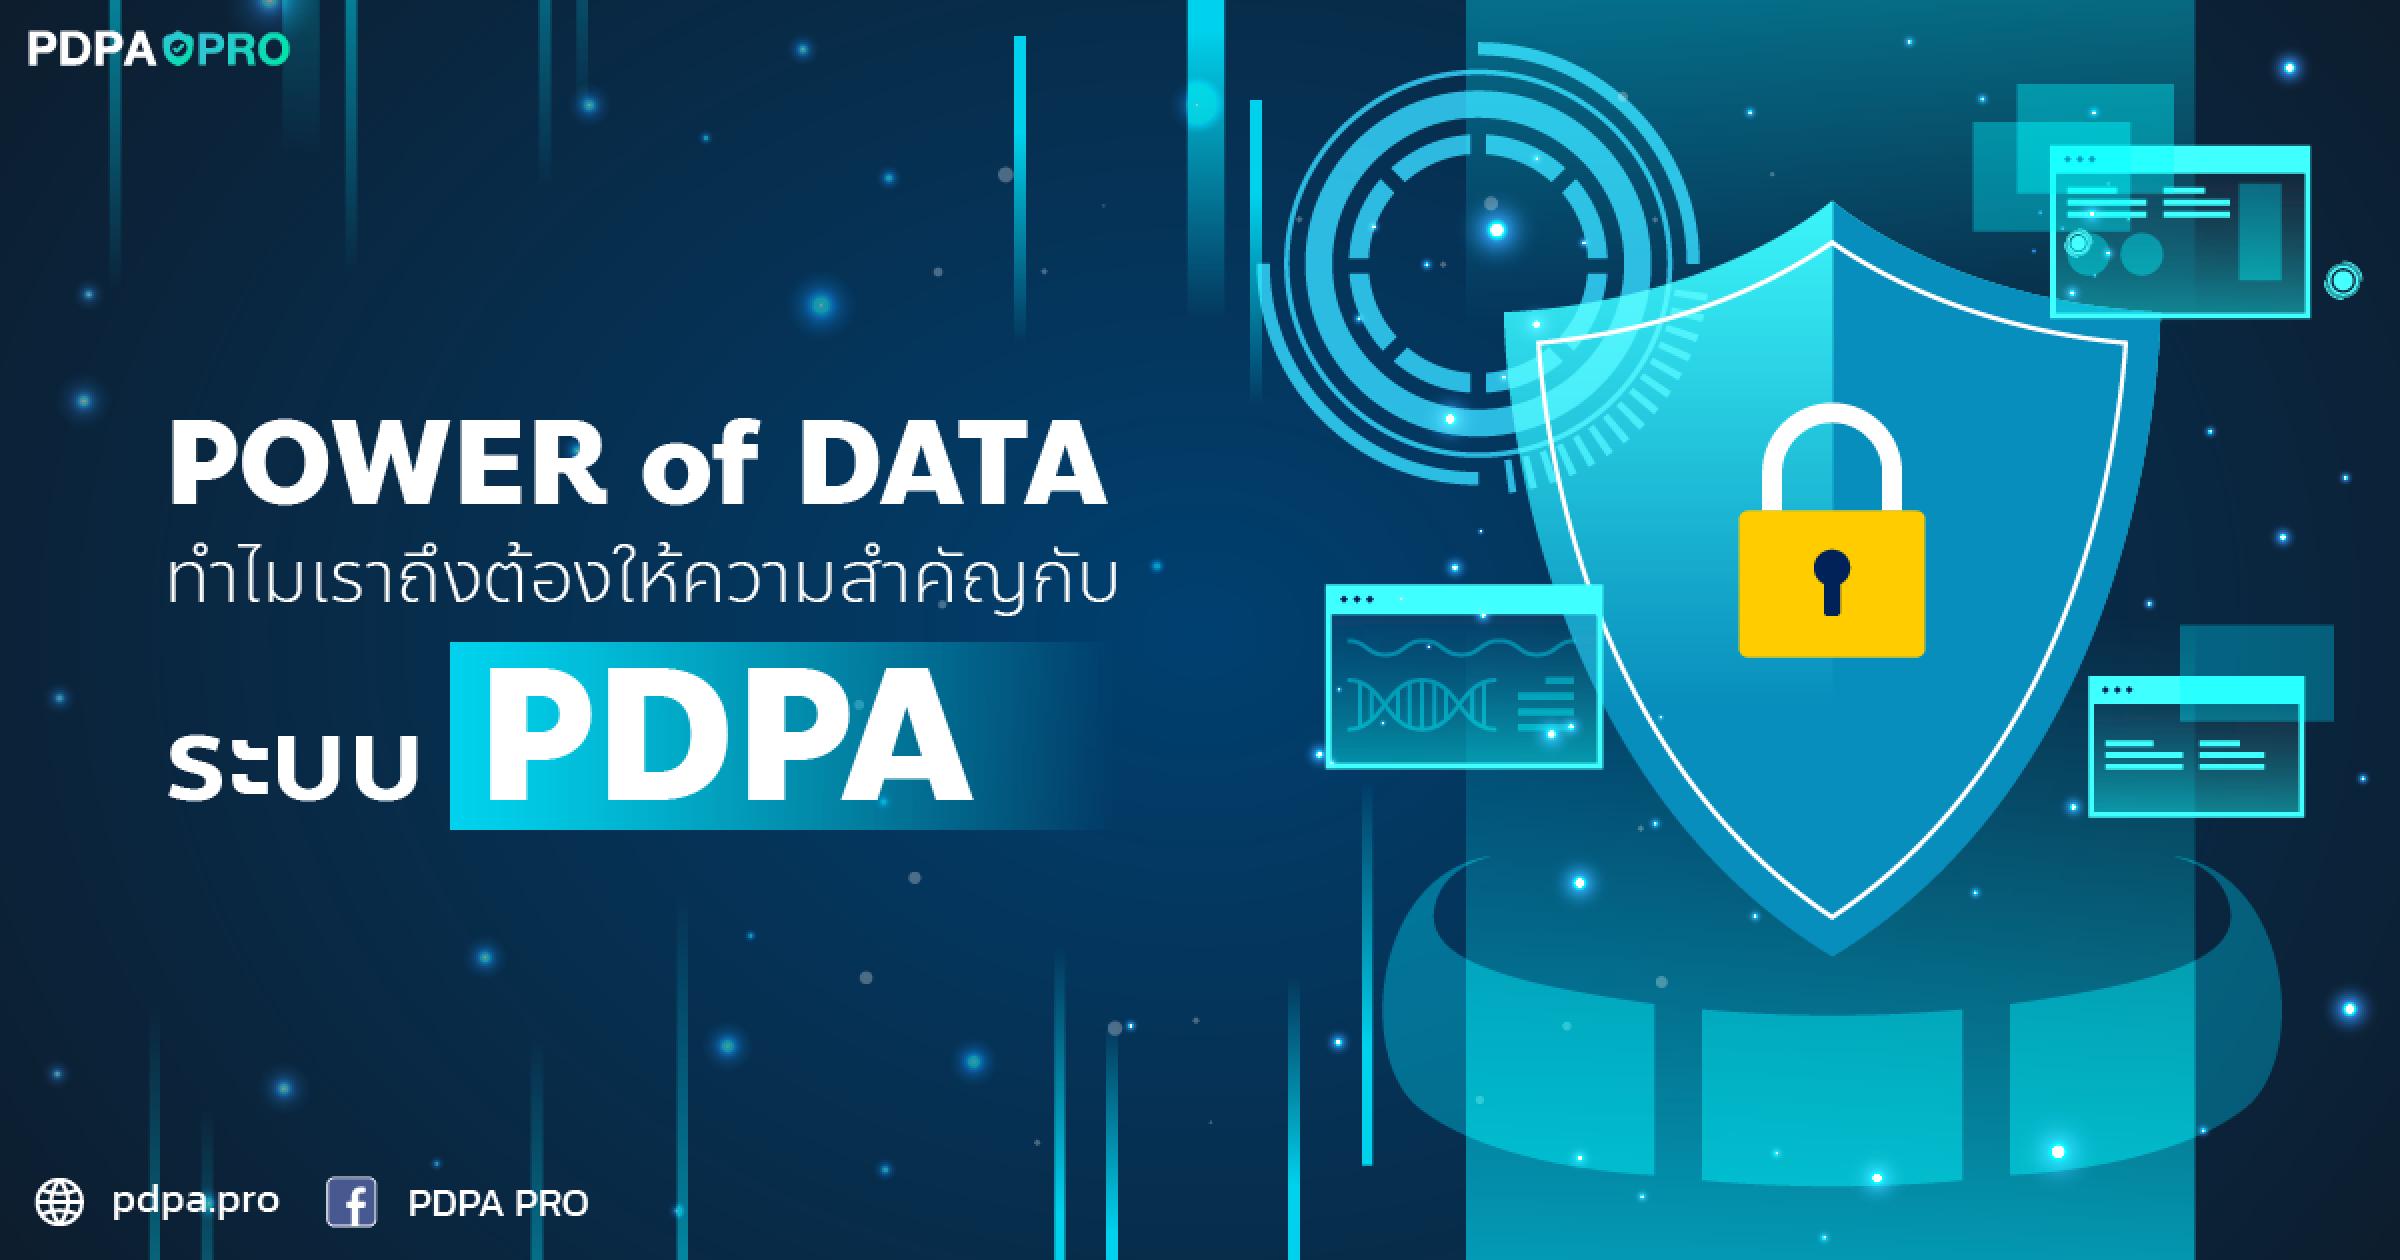 POWER of DATA: ระบบ PDPA ส่งผลต่อธุรกิจของคุณอย่างไร?